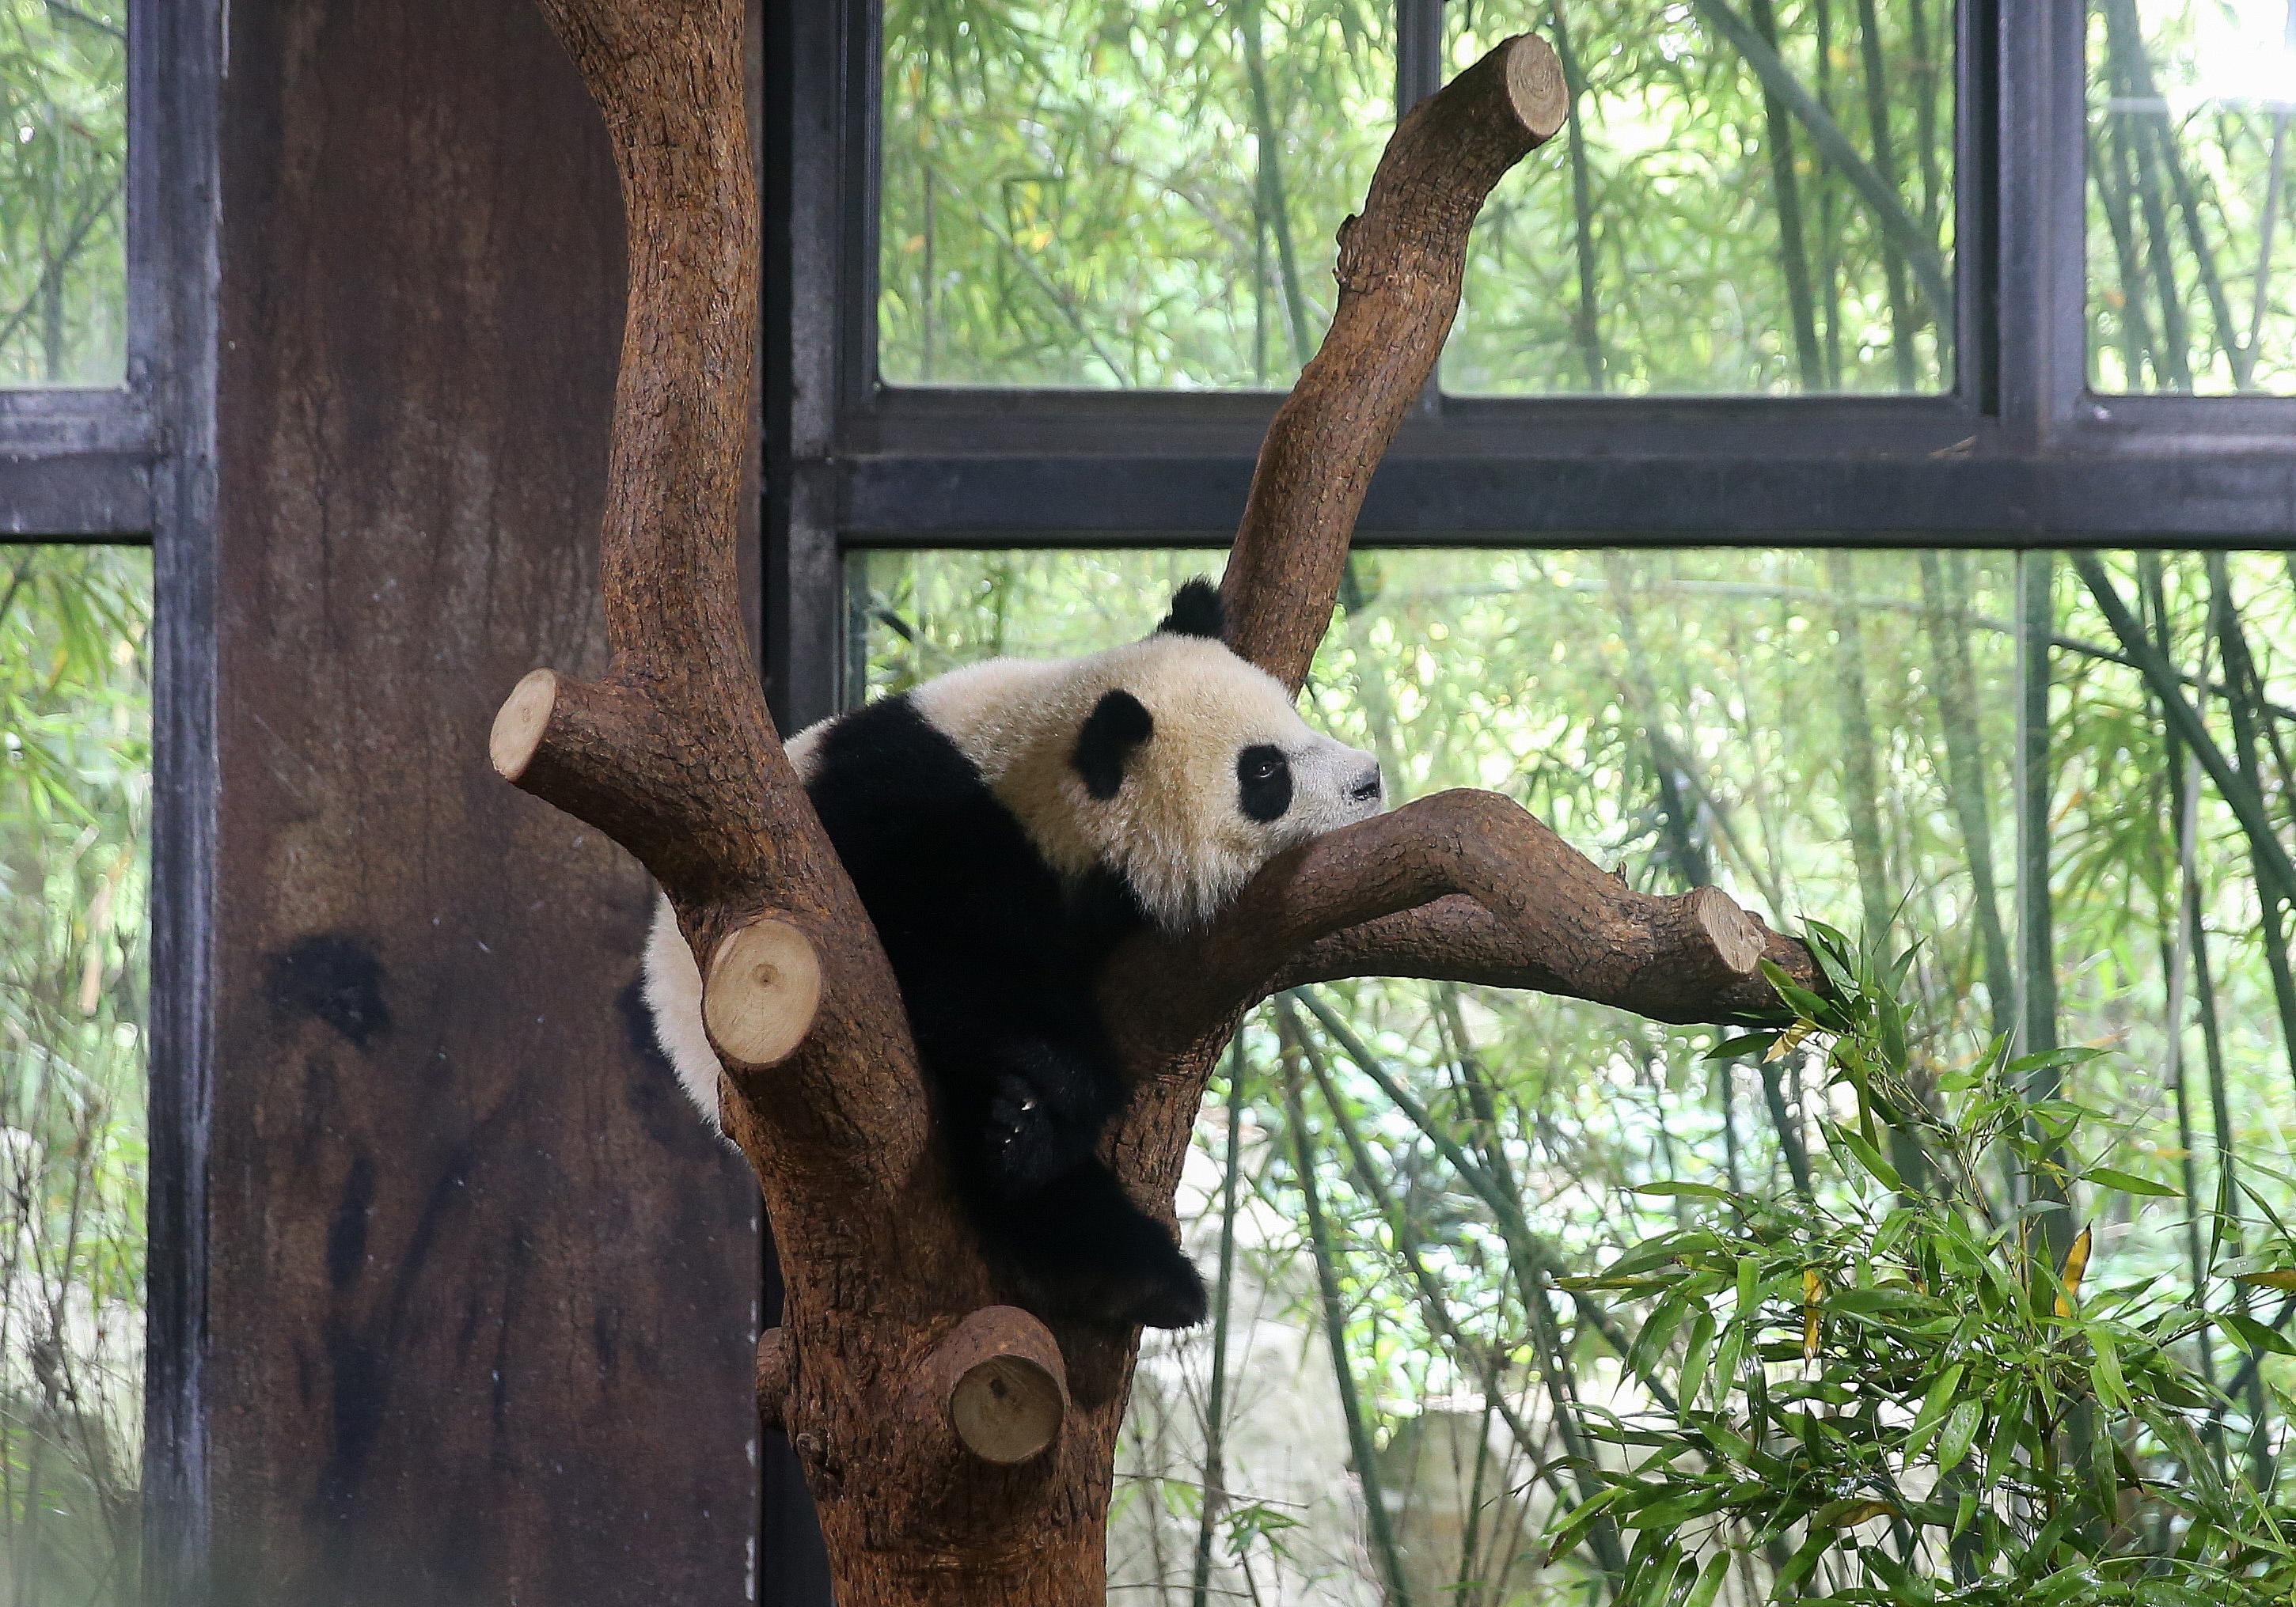 七七(チーチー)って呼んでね…赤ちゃんパンダに正式命名 上海